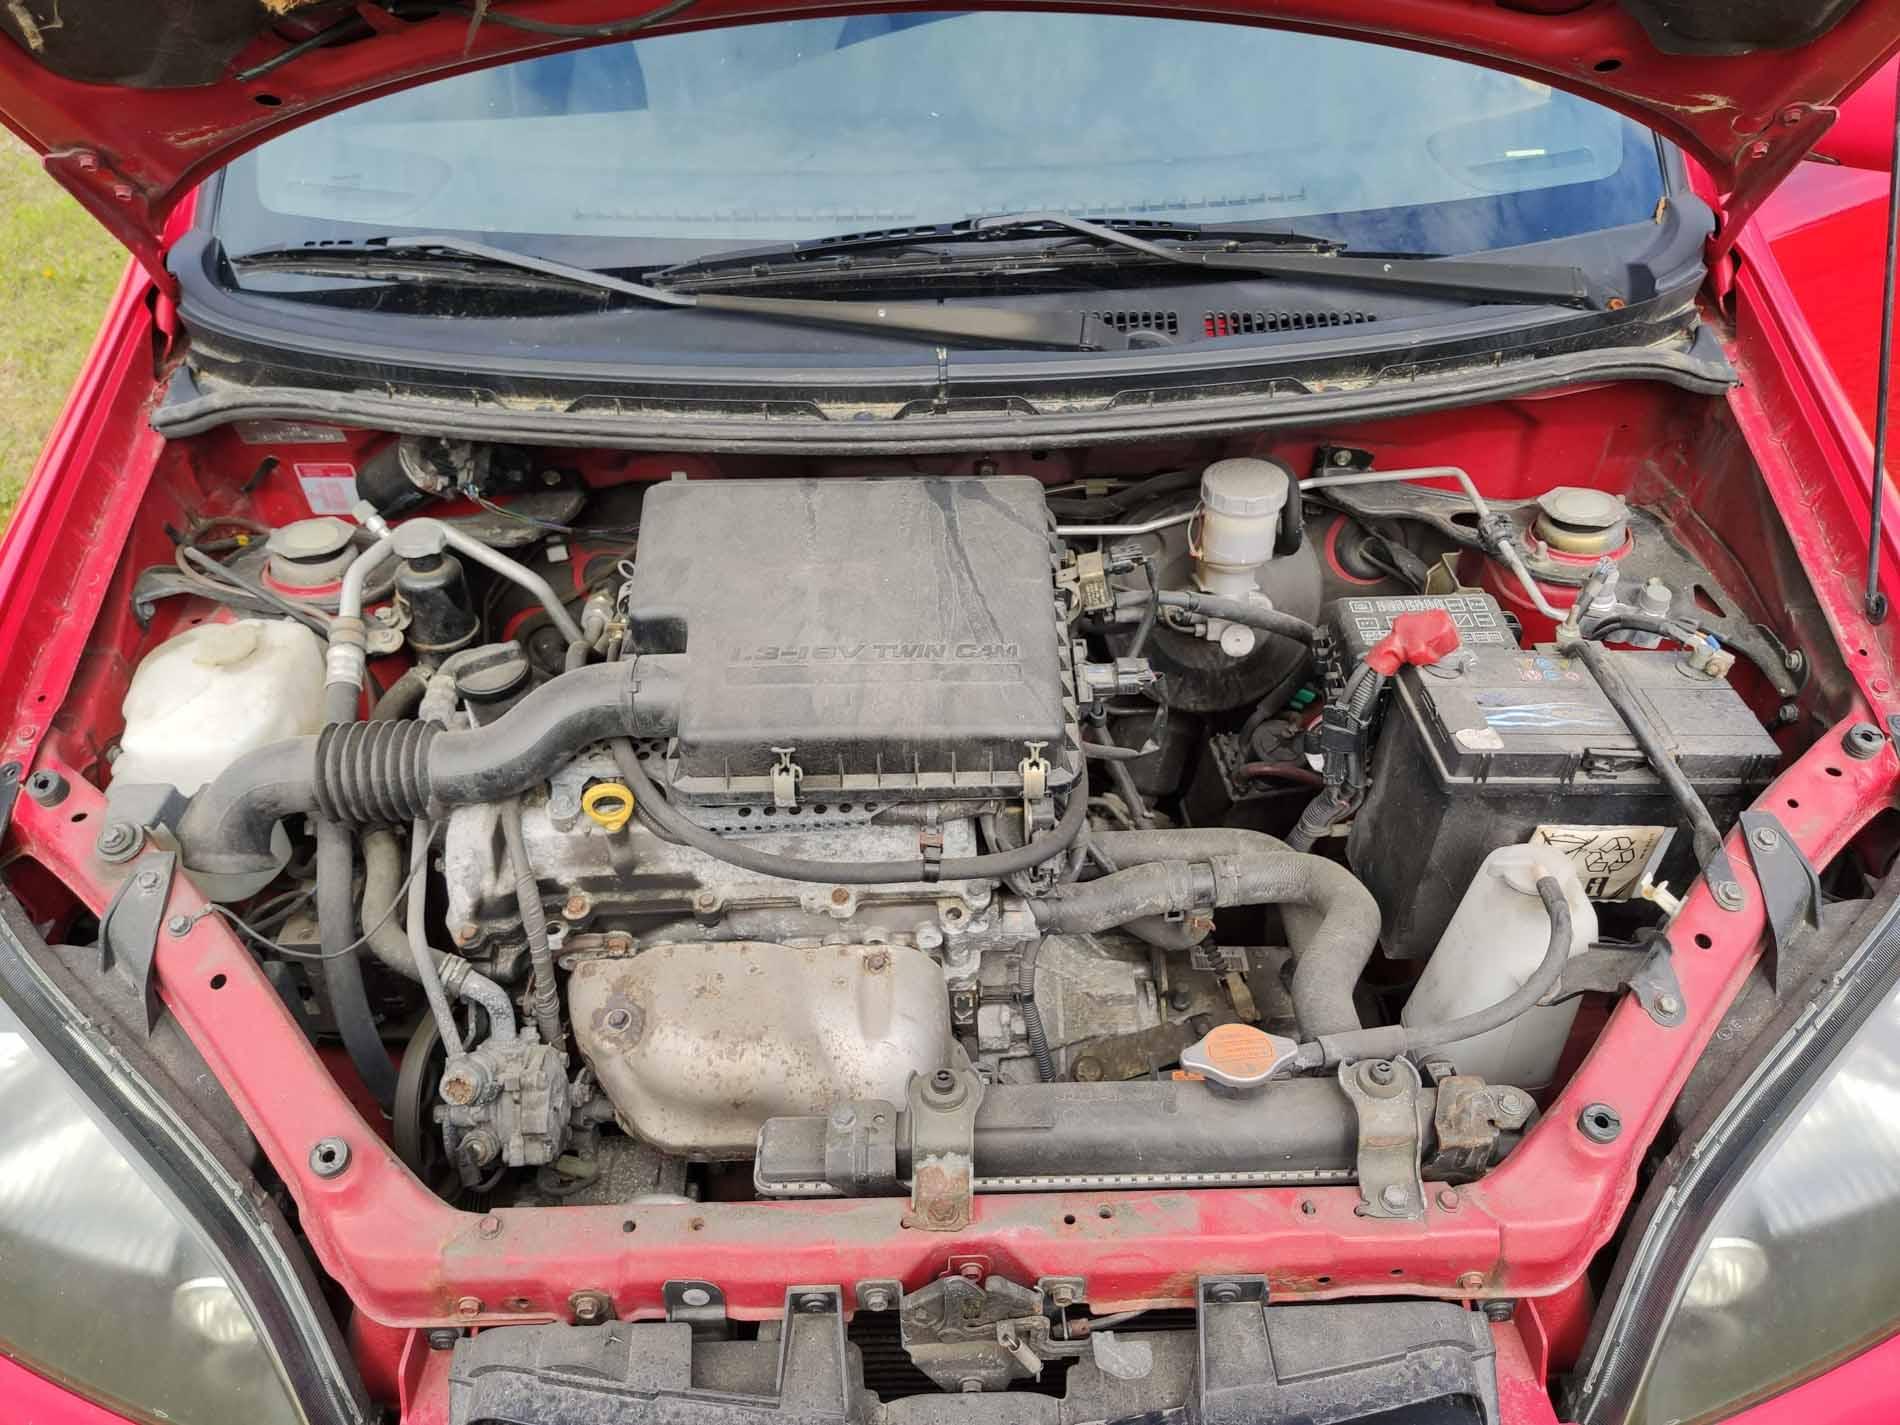 Daihatsu YRV 1-3i 4x4